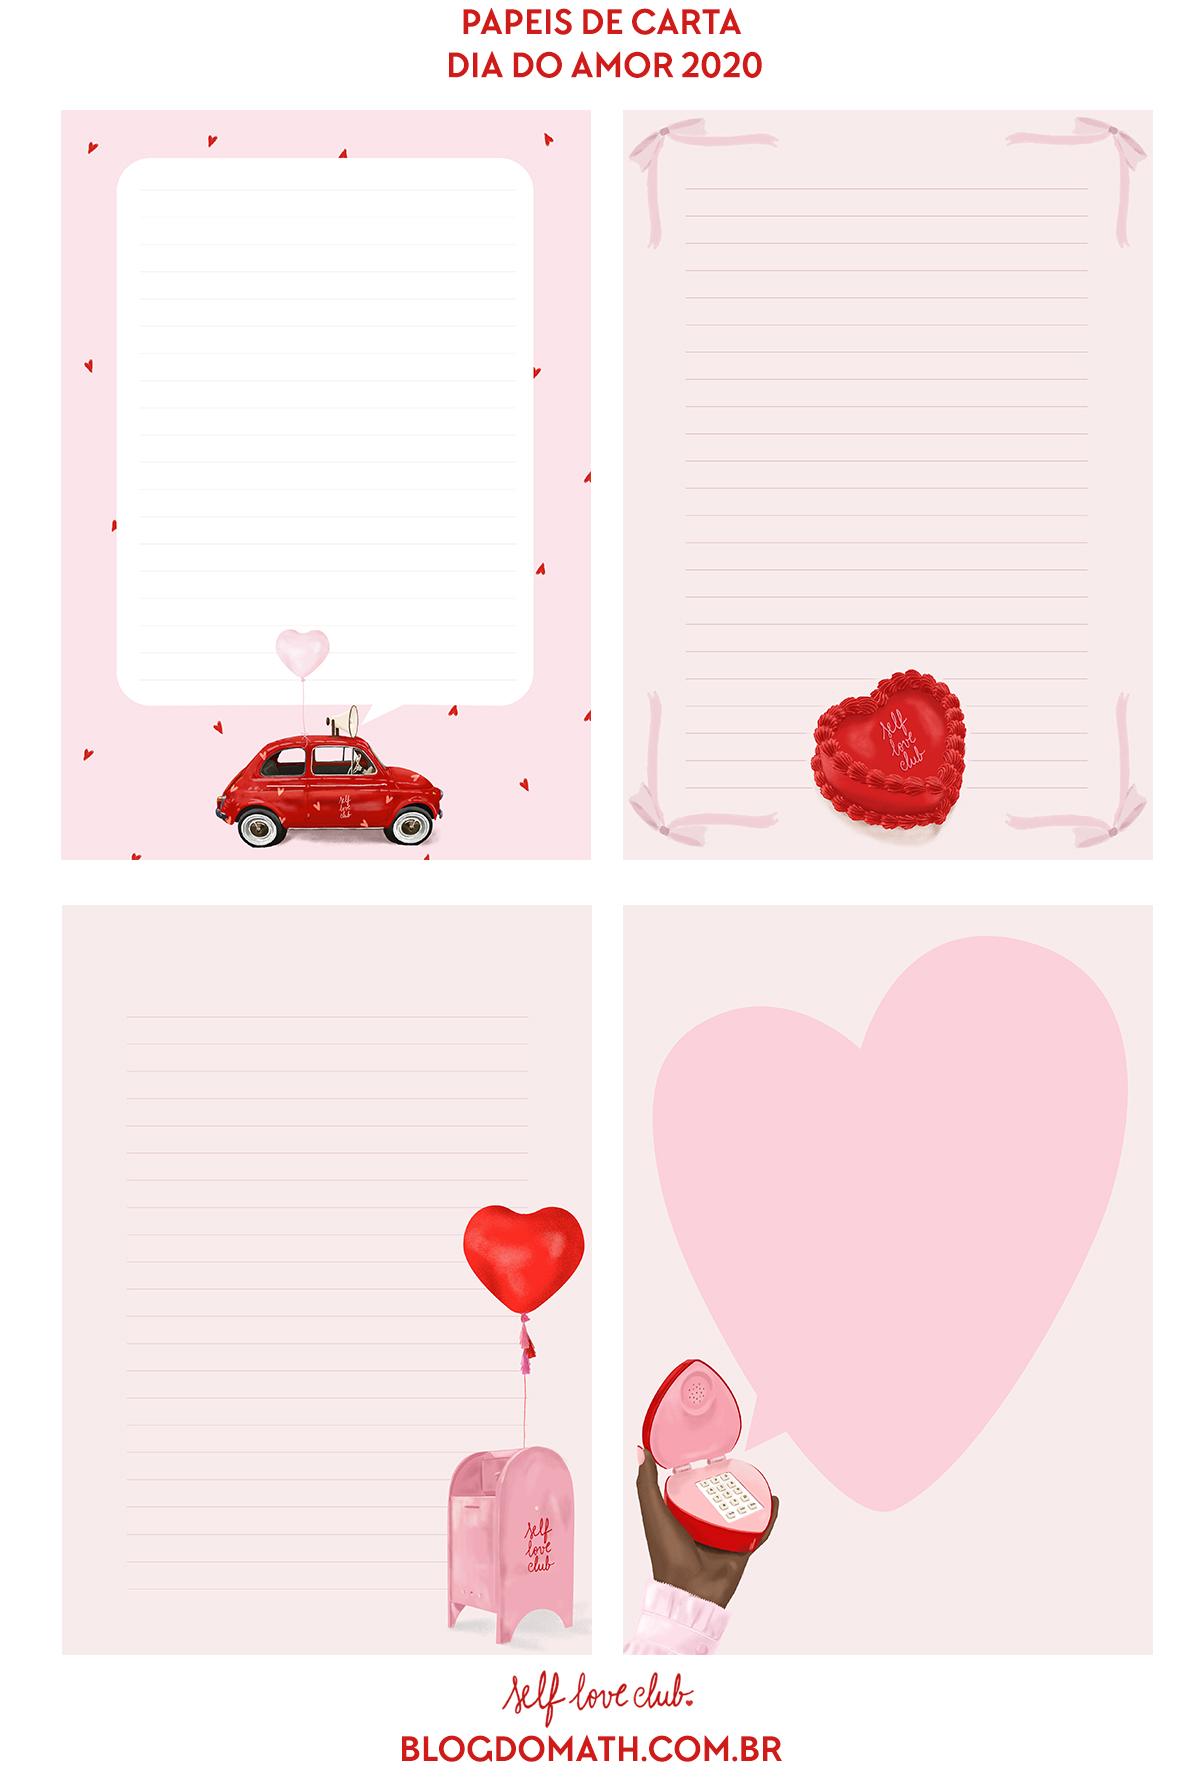 Papéis De Carta Para Imprimir Dia Dos Namorados 2020 Blog Do Math